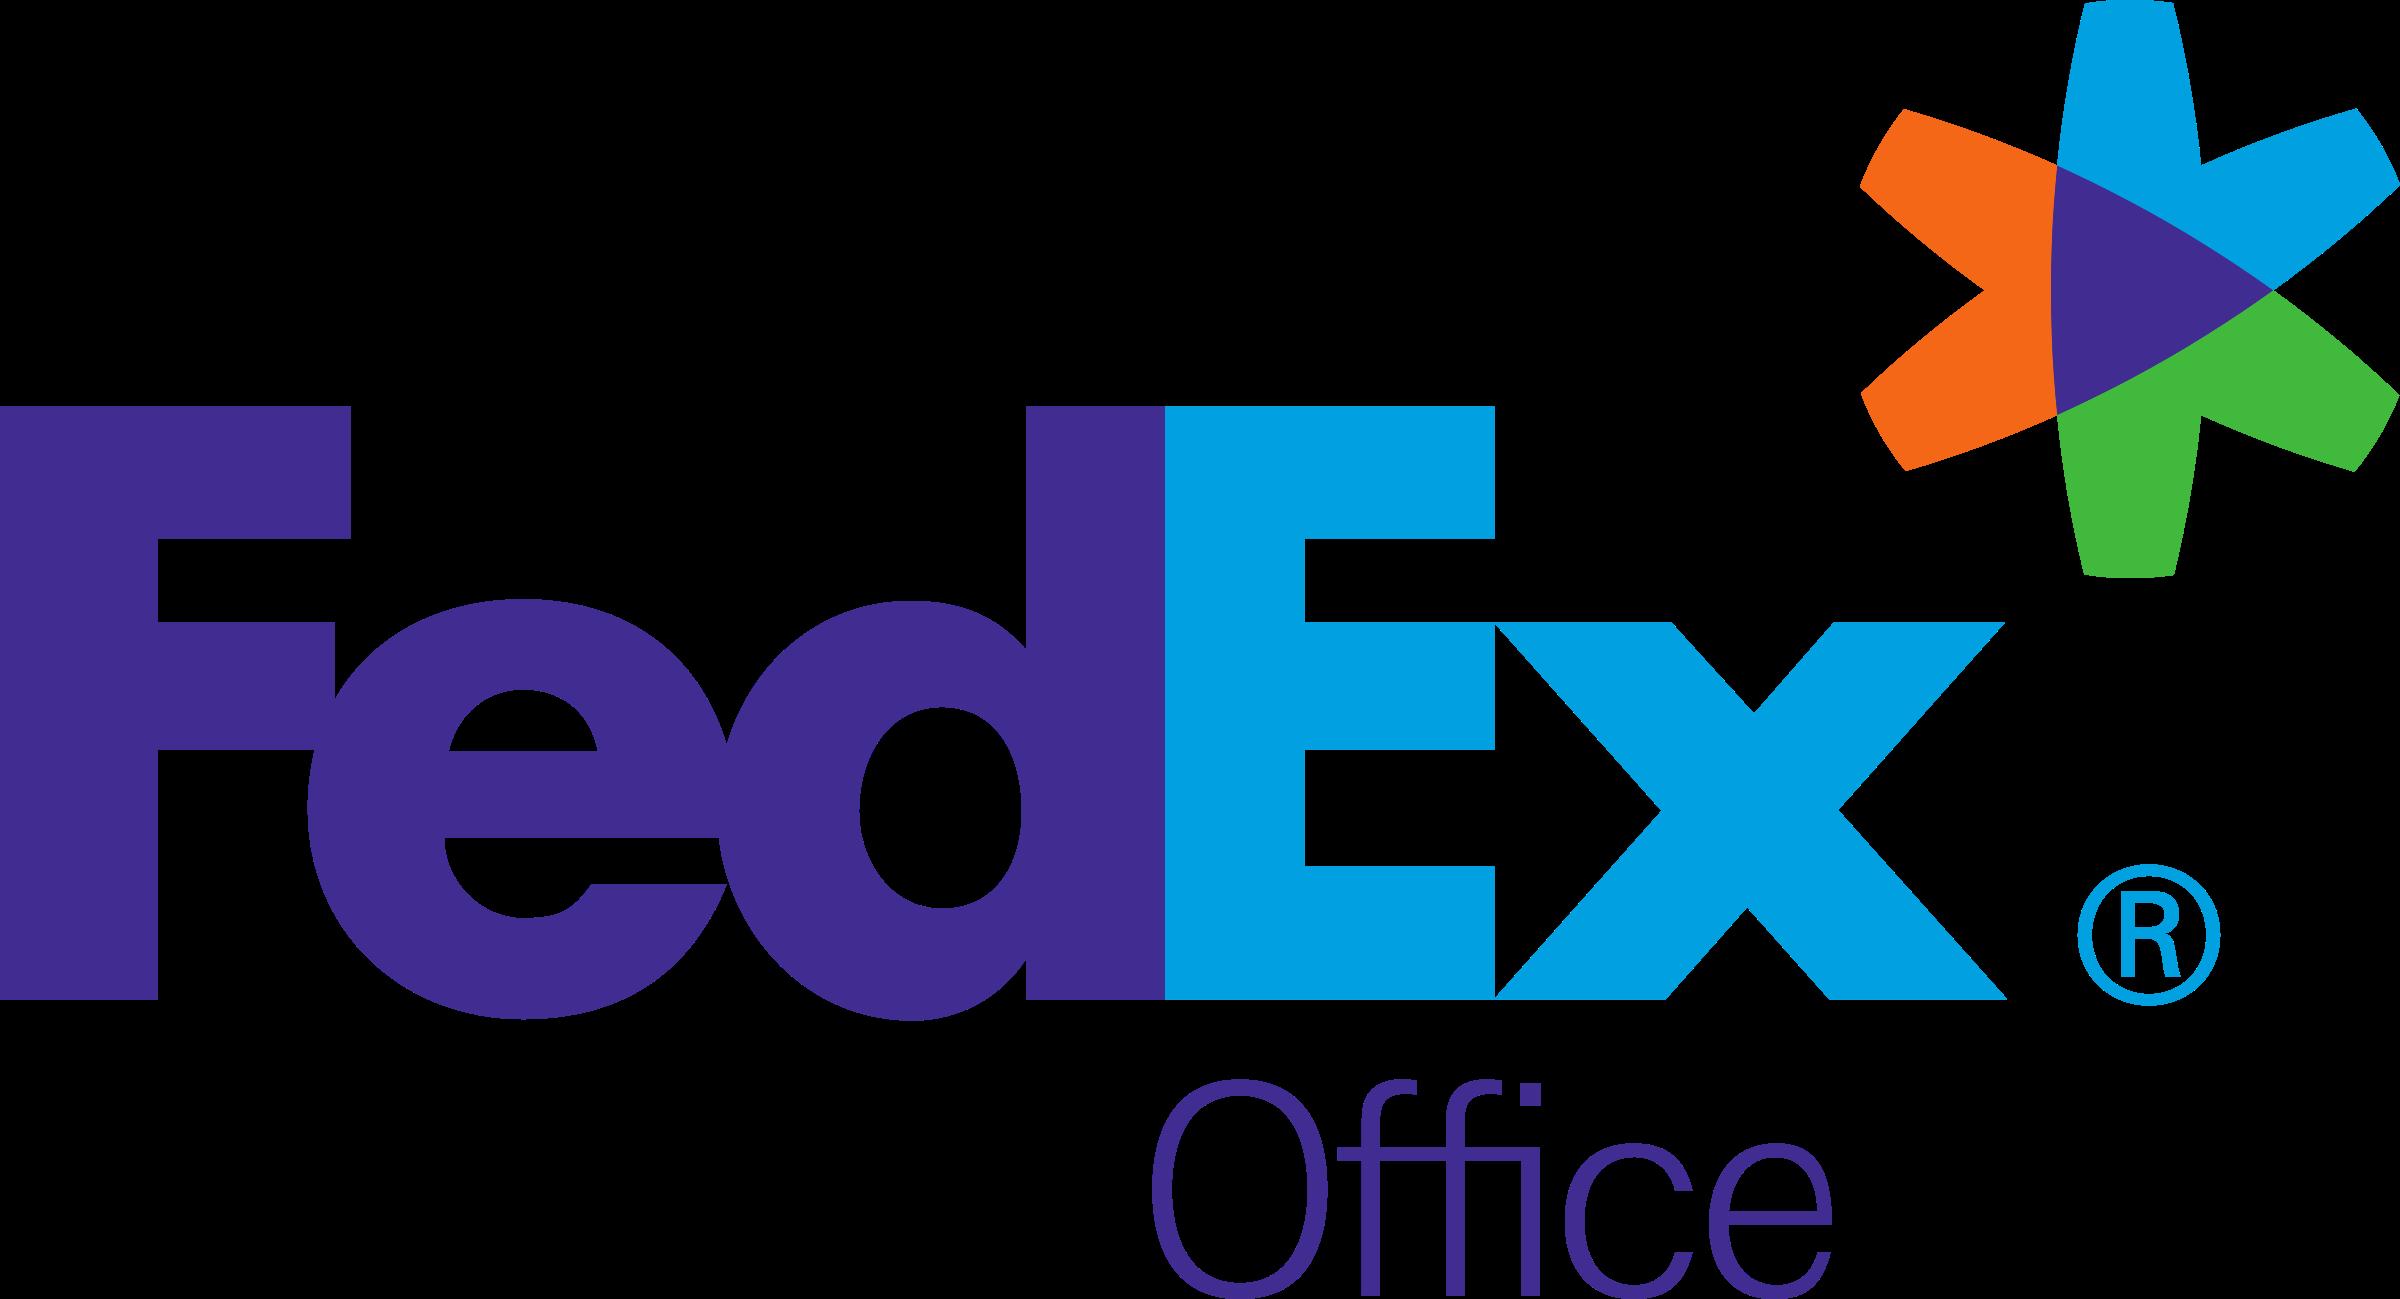 FedEx Office Logo PNG Transparent & SVG Vector.